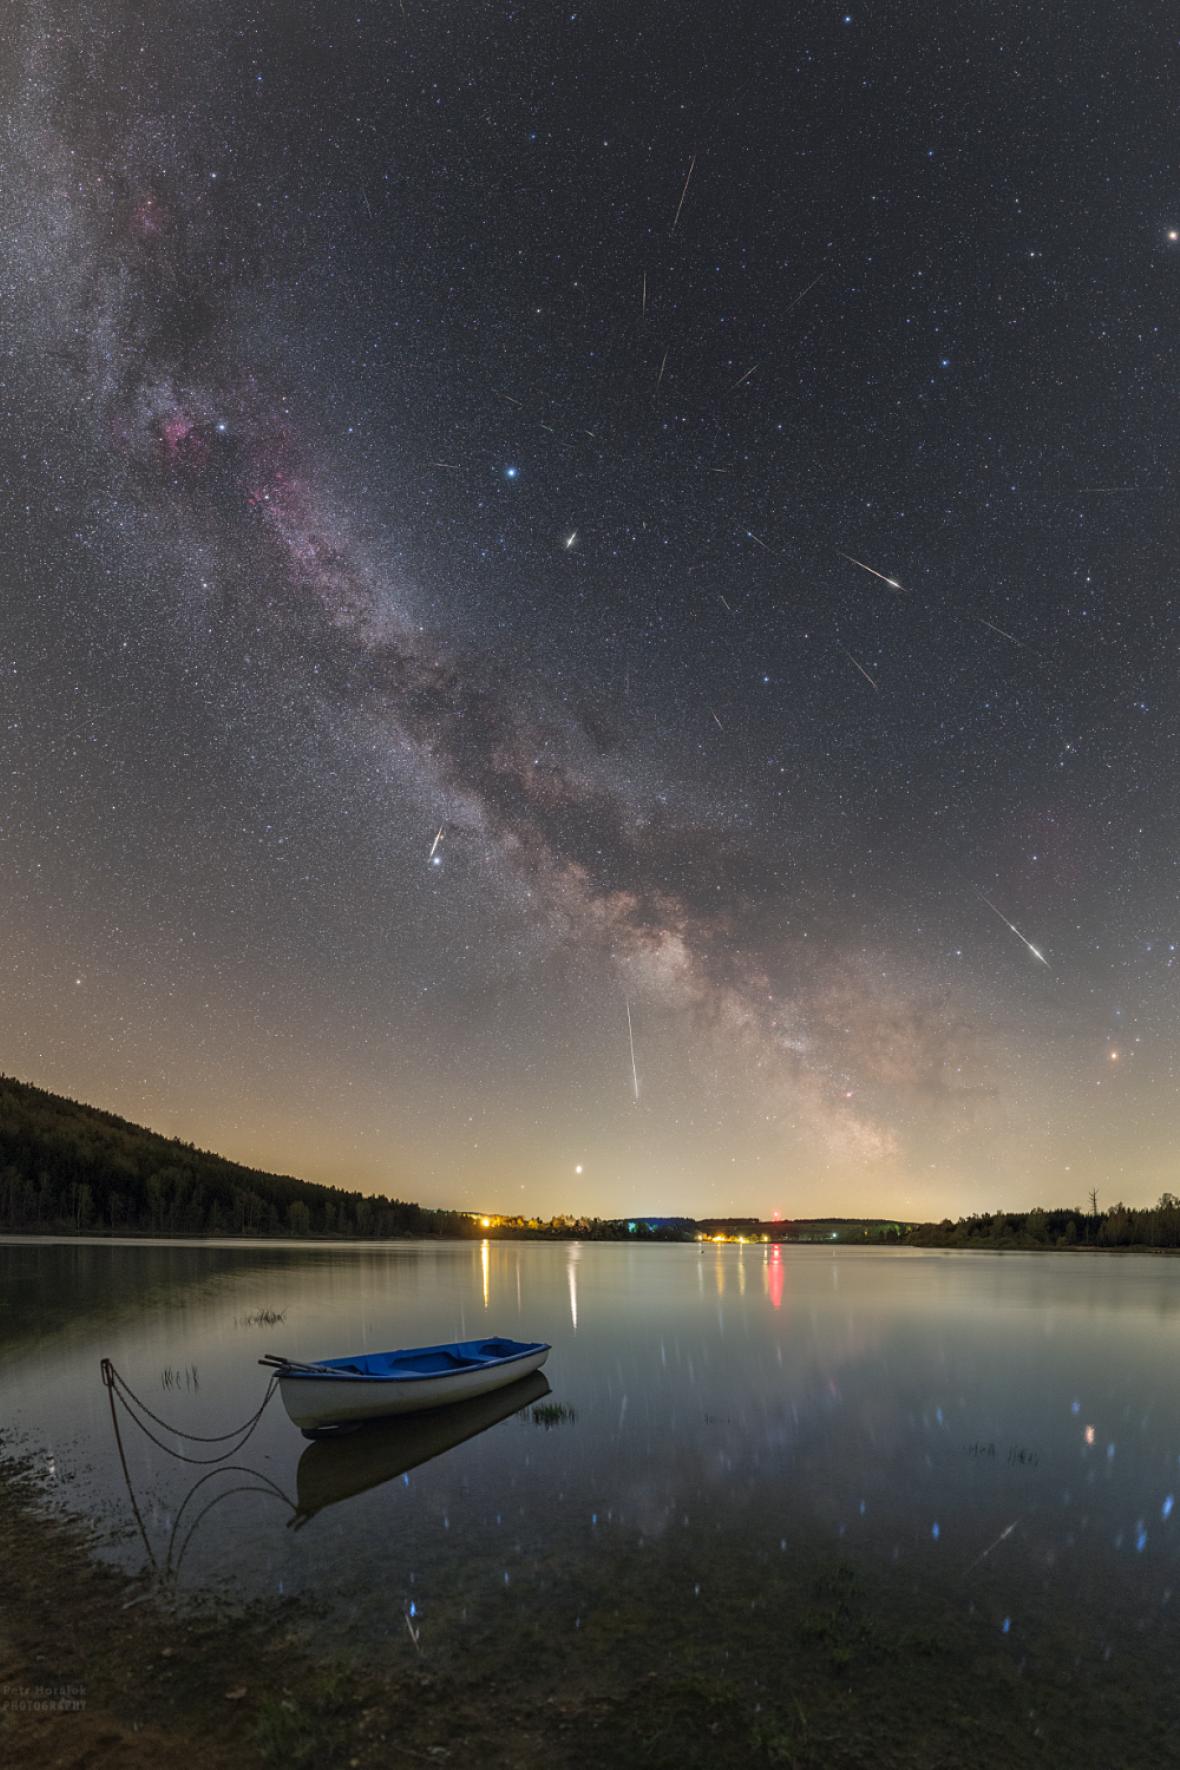 Maximum meteorického roje Lyridy vroce 2020 nad Sečskou přehradou